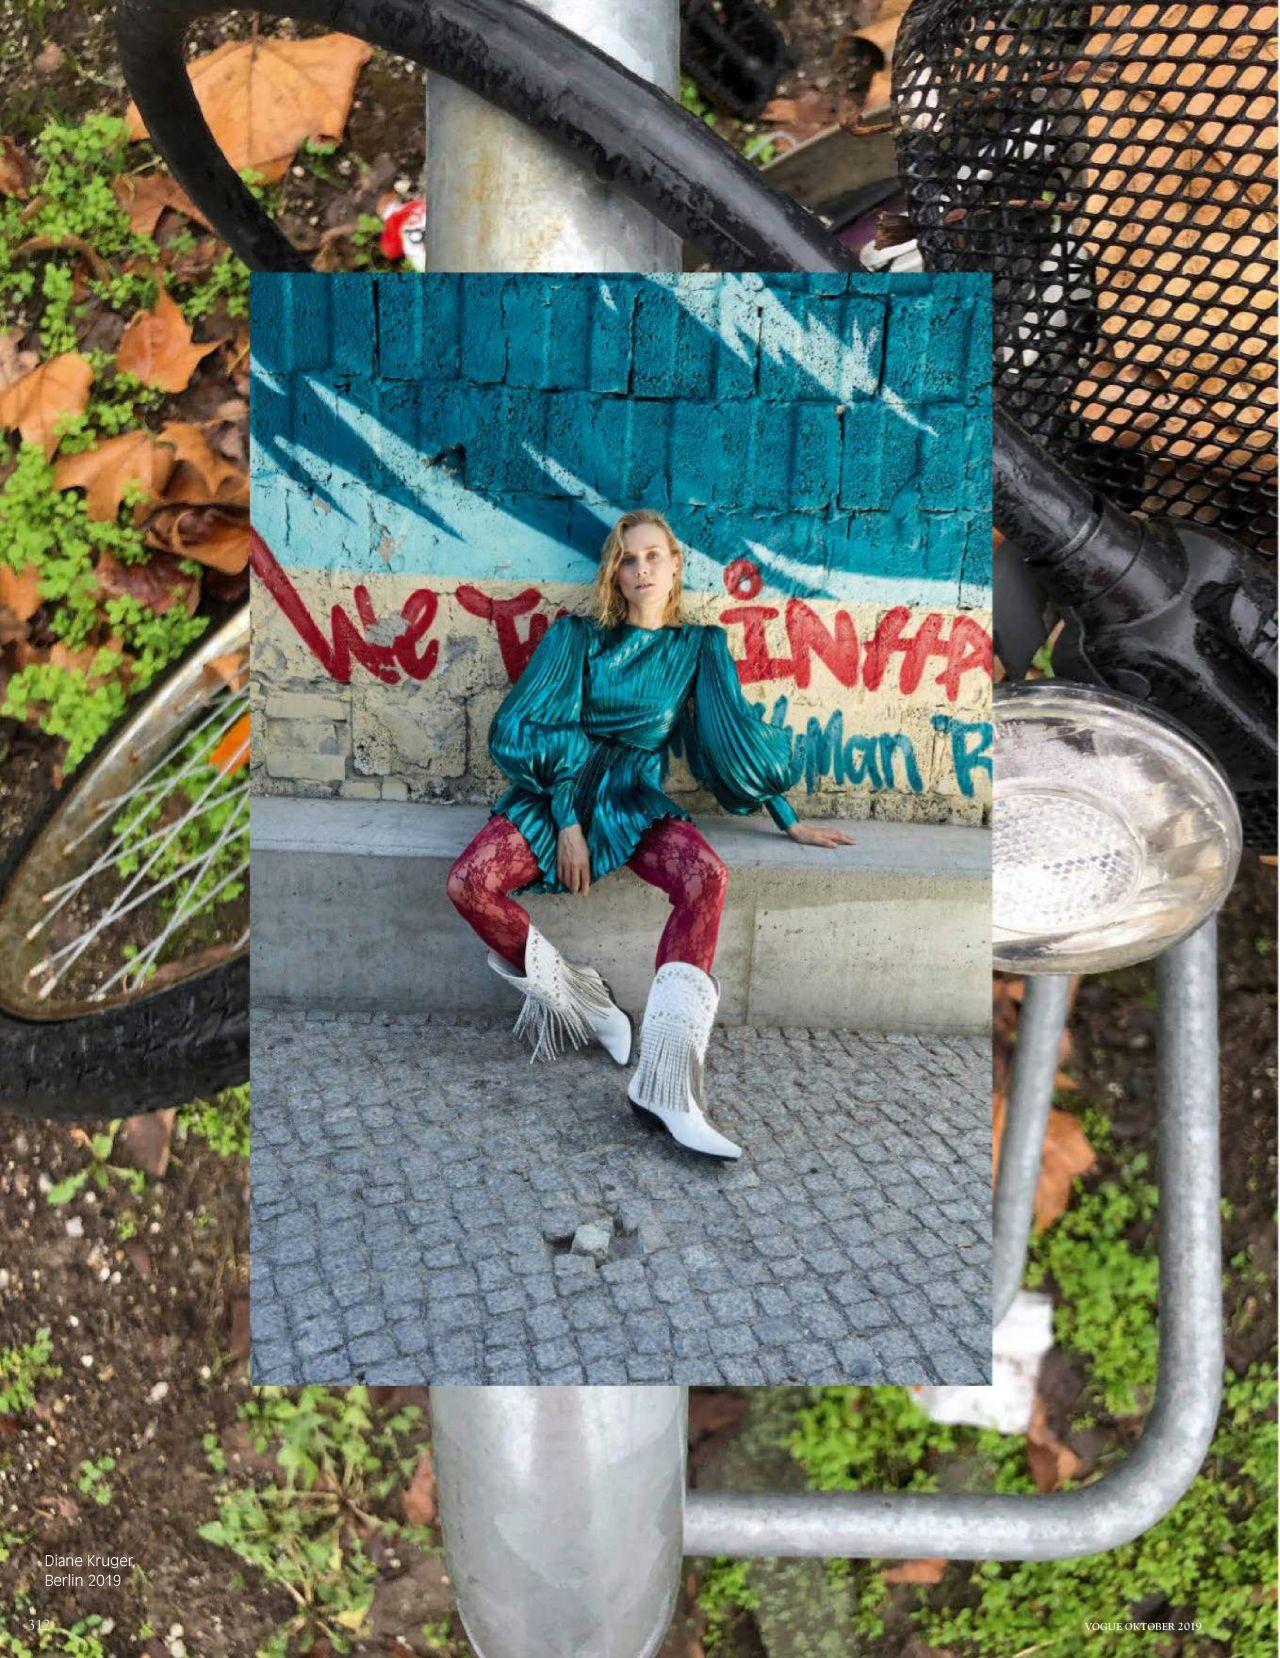 Диана Крюгер купается в фонтане в съемке немецкого Vogue (фото 9)